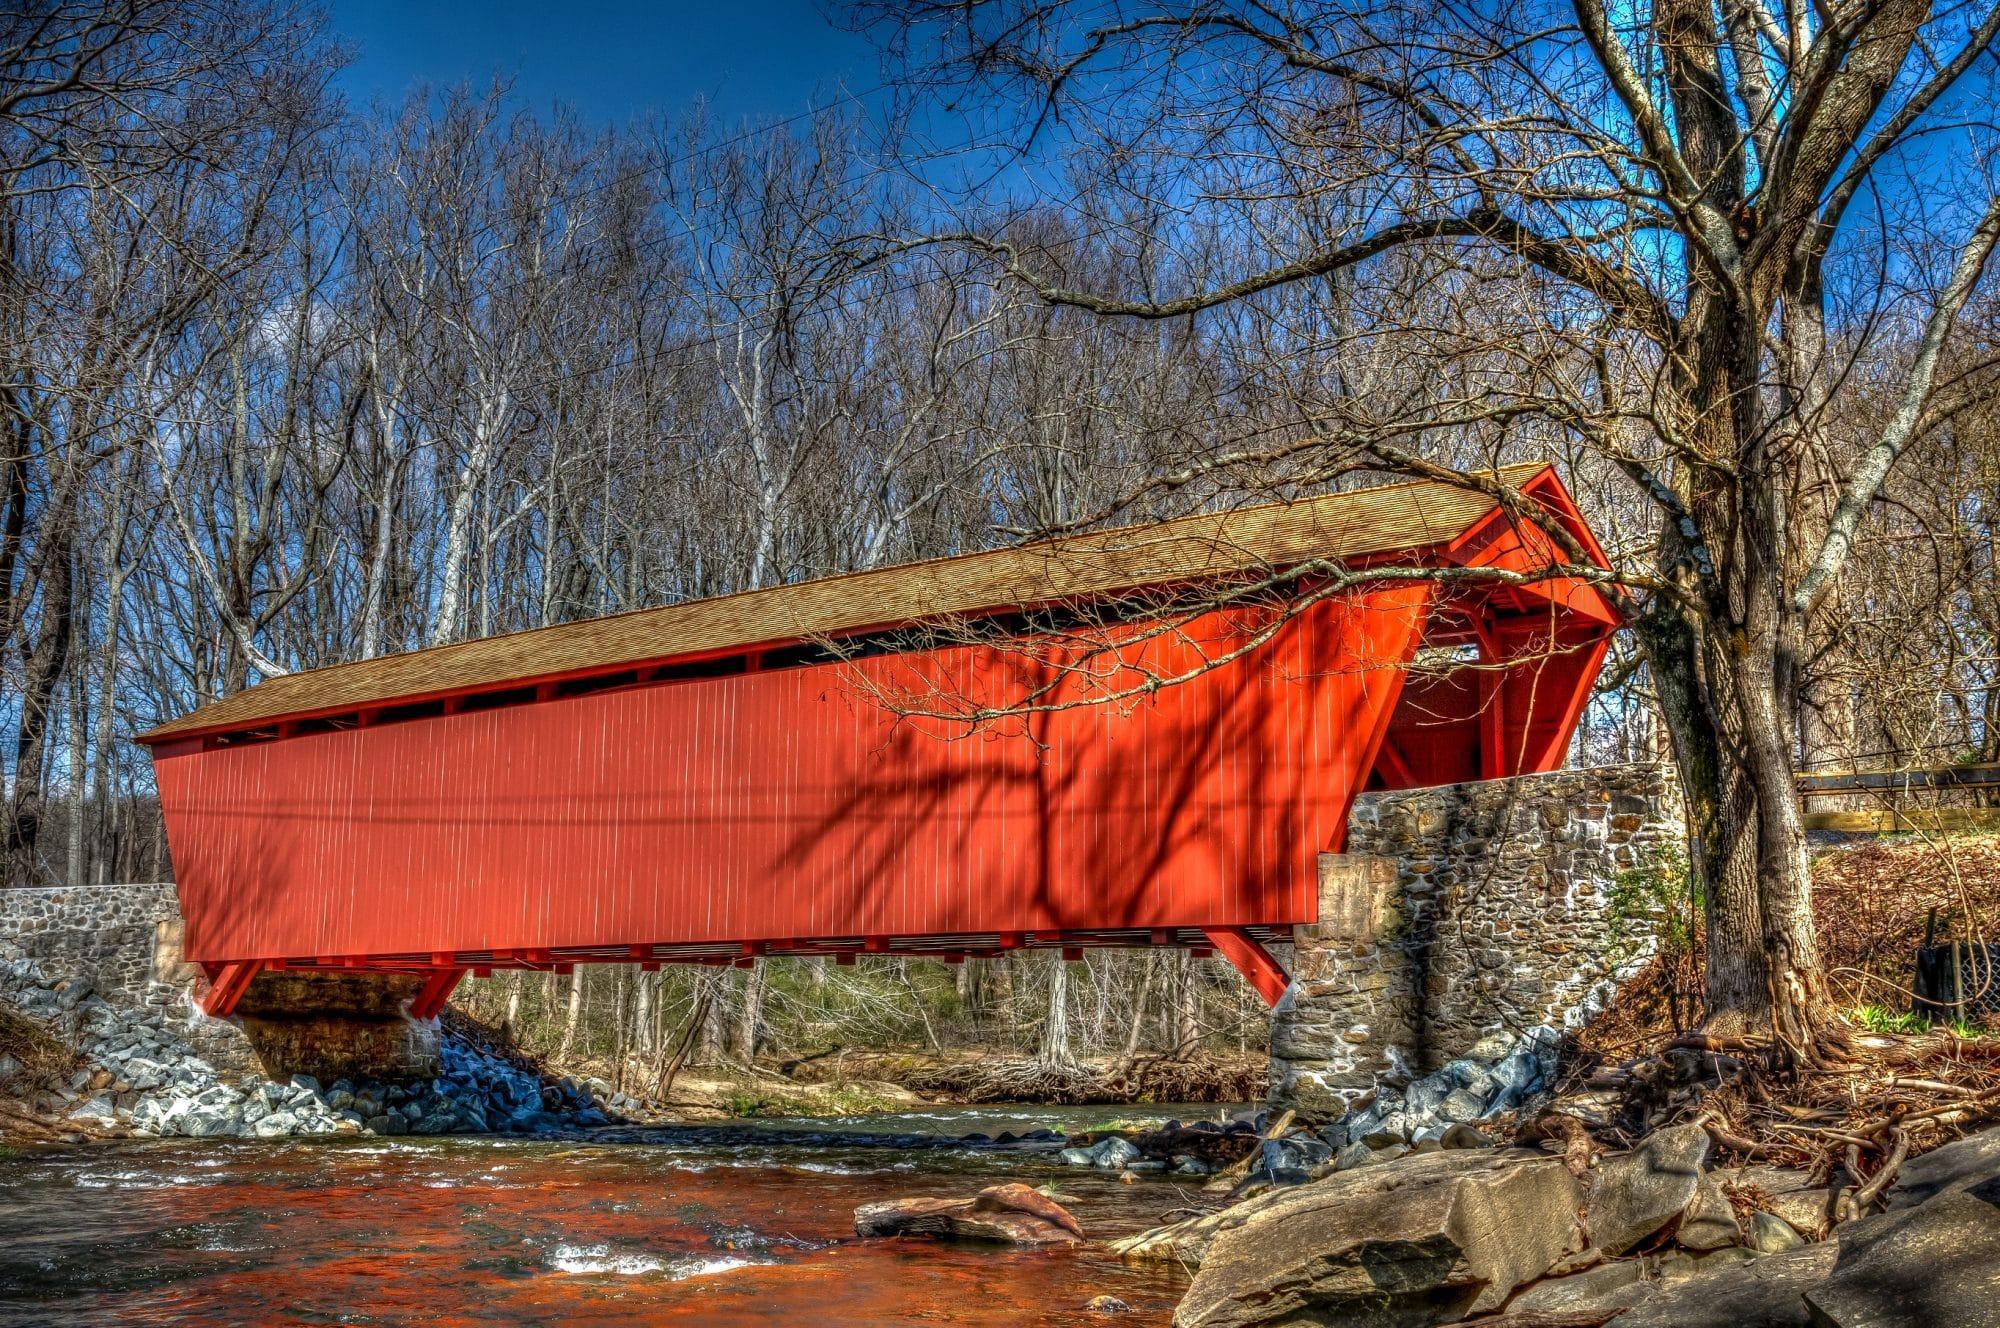 Jericho Road Bridge Exterior Final